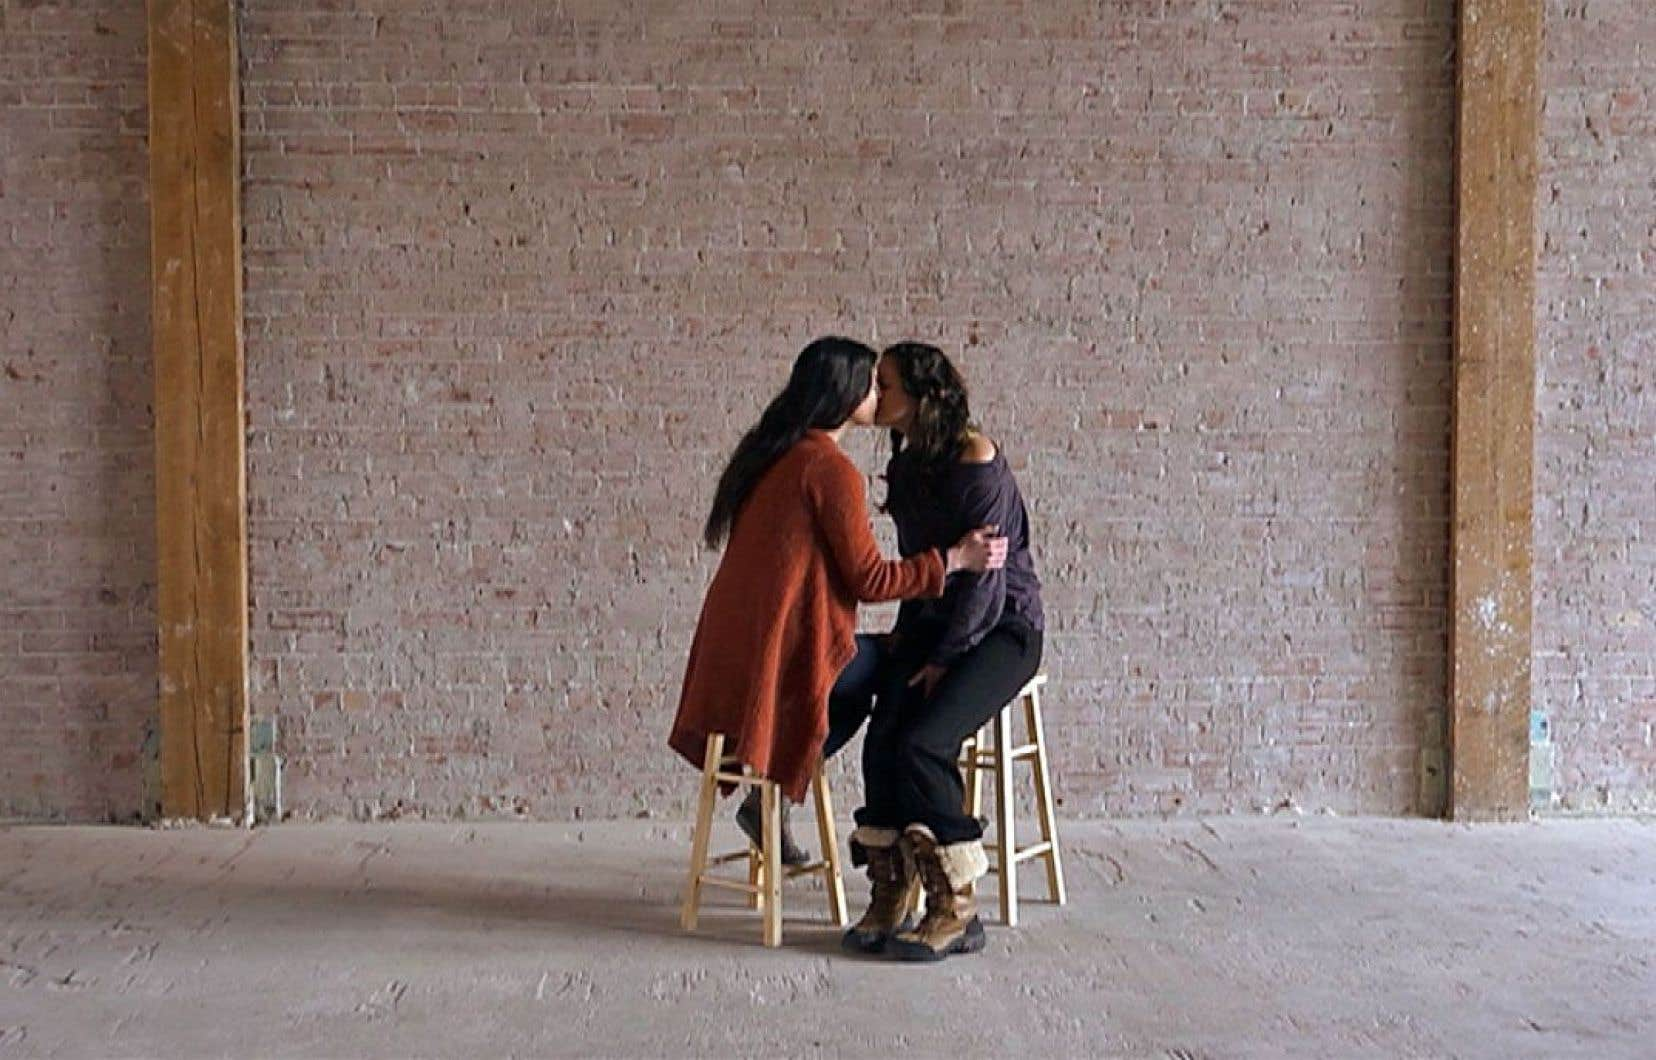 L'installation vidéo «La prière», de Josiane Roberge, est sans doute une des plus emblématiques de l'exposition.